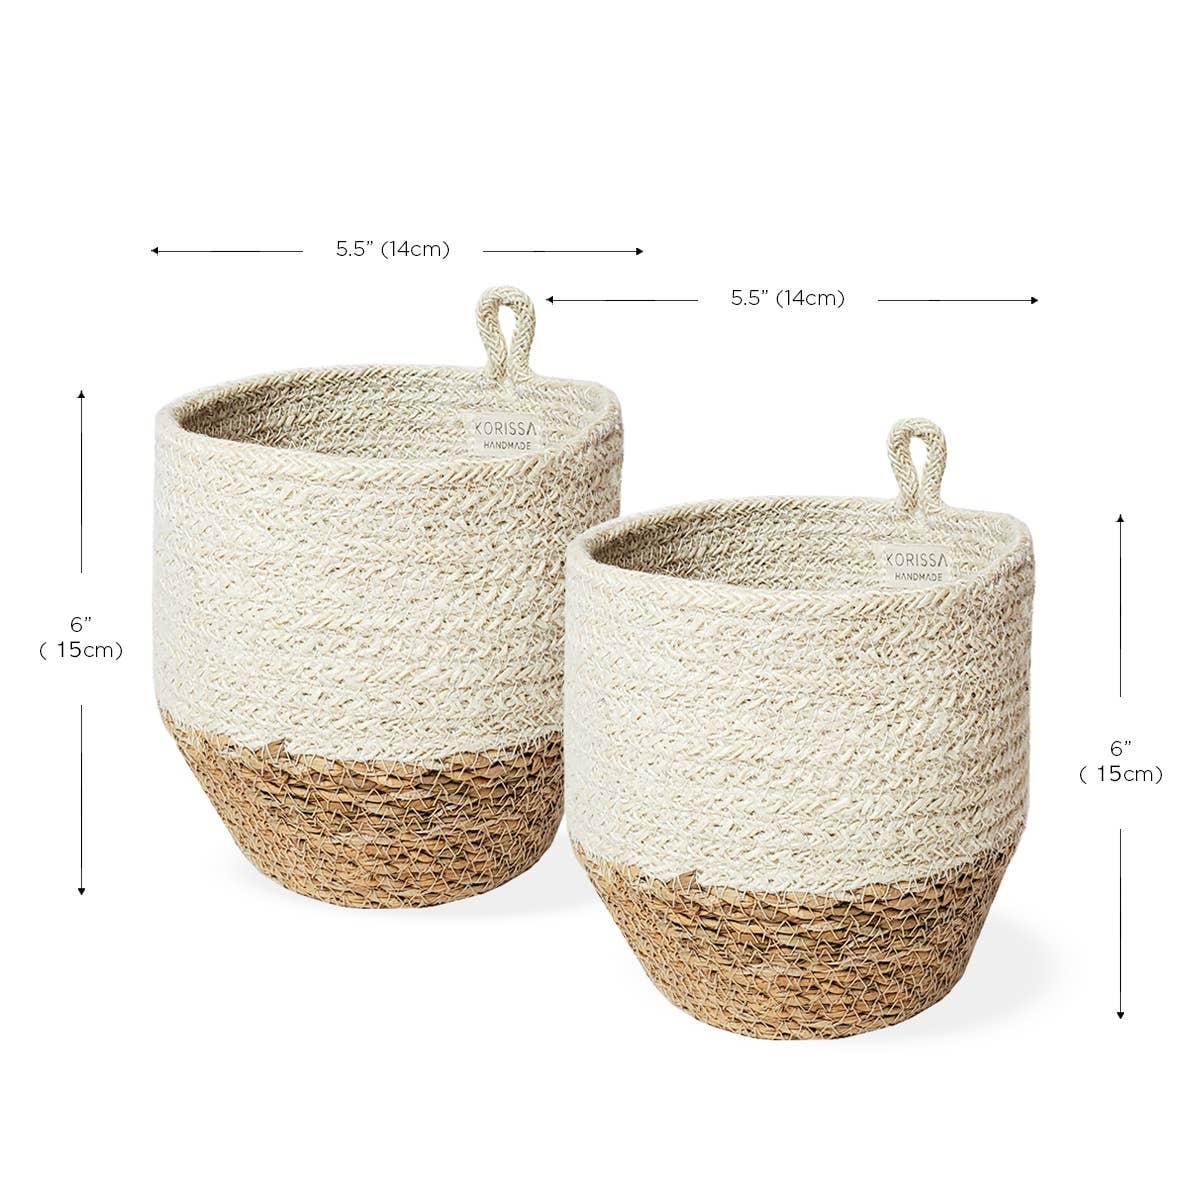 Amari Loop Bin - Natural (Set of 2) | Trada Marketplace